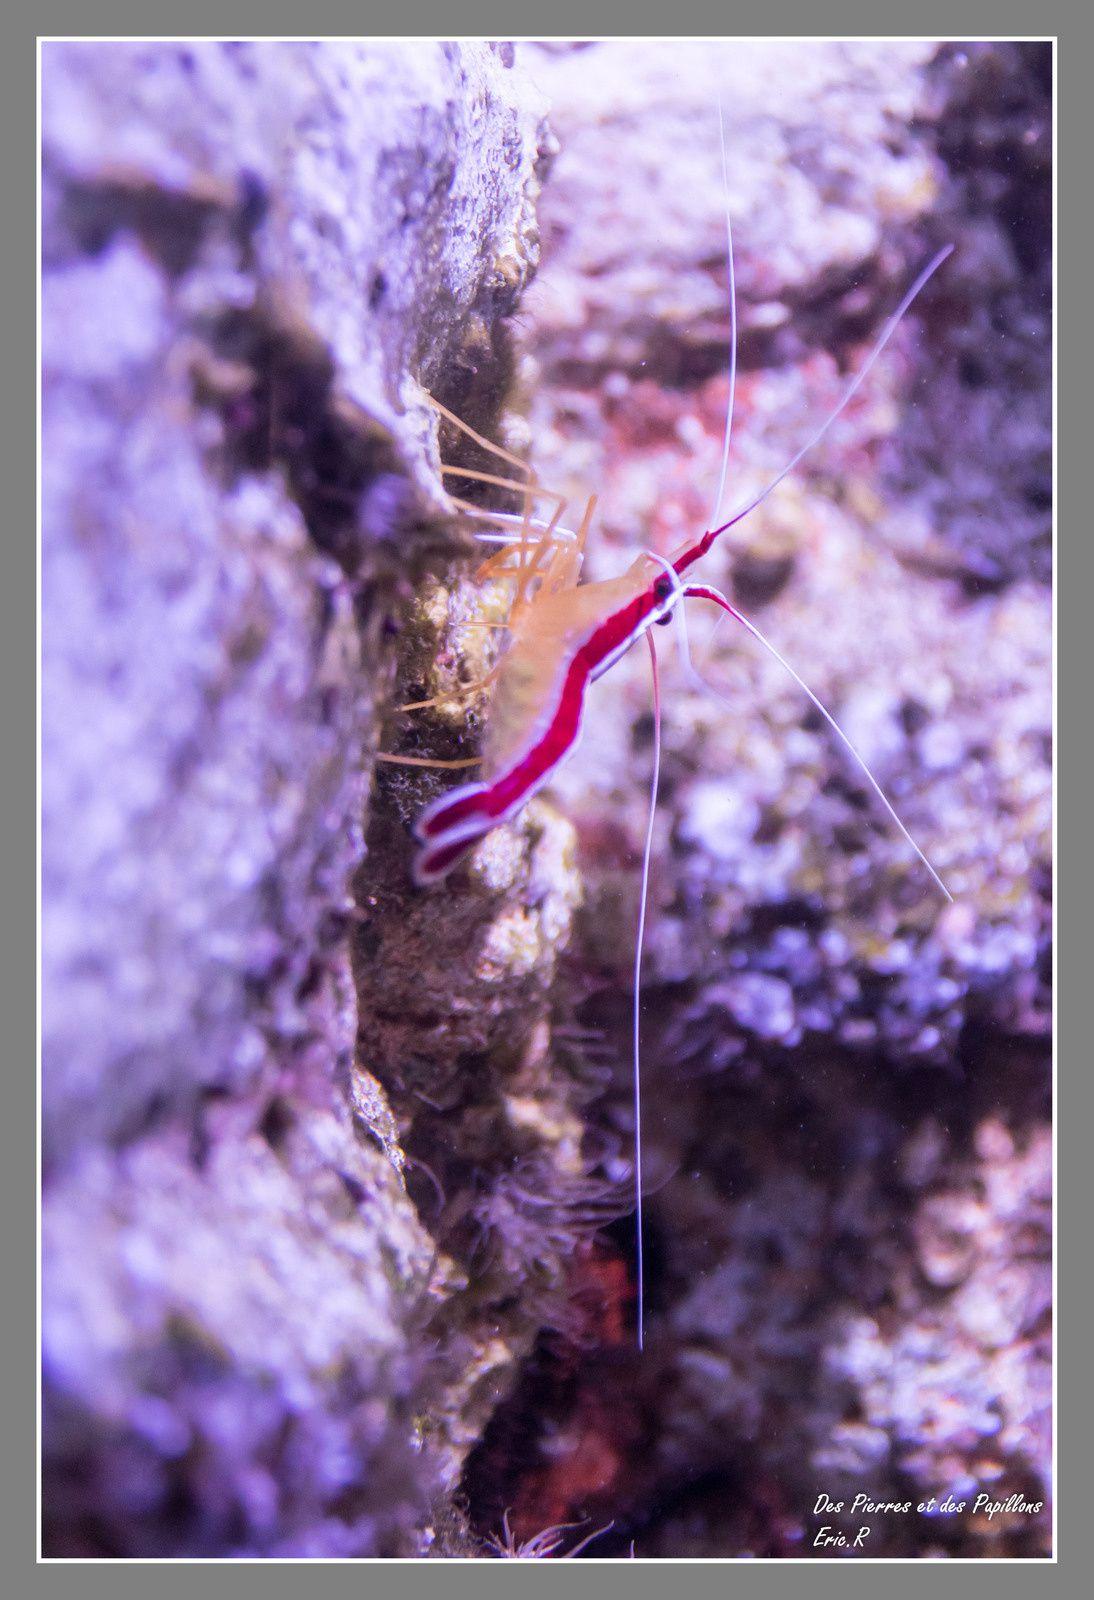 Une crevette lysmata